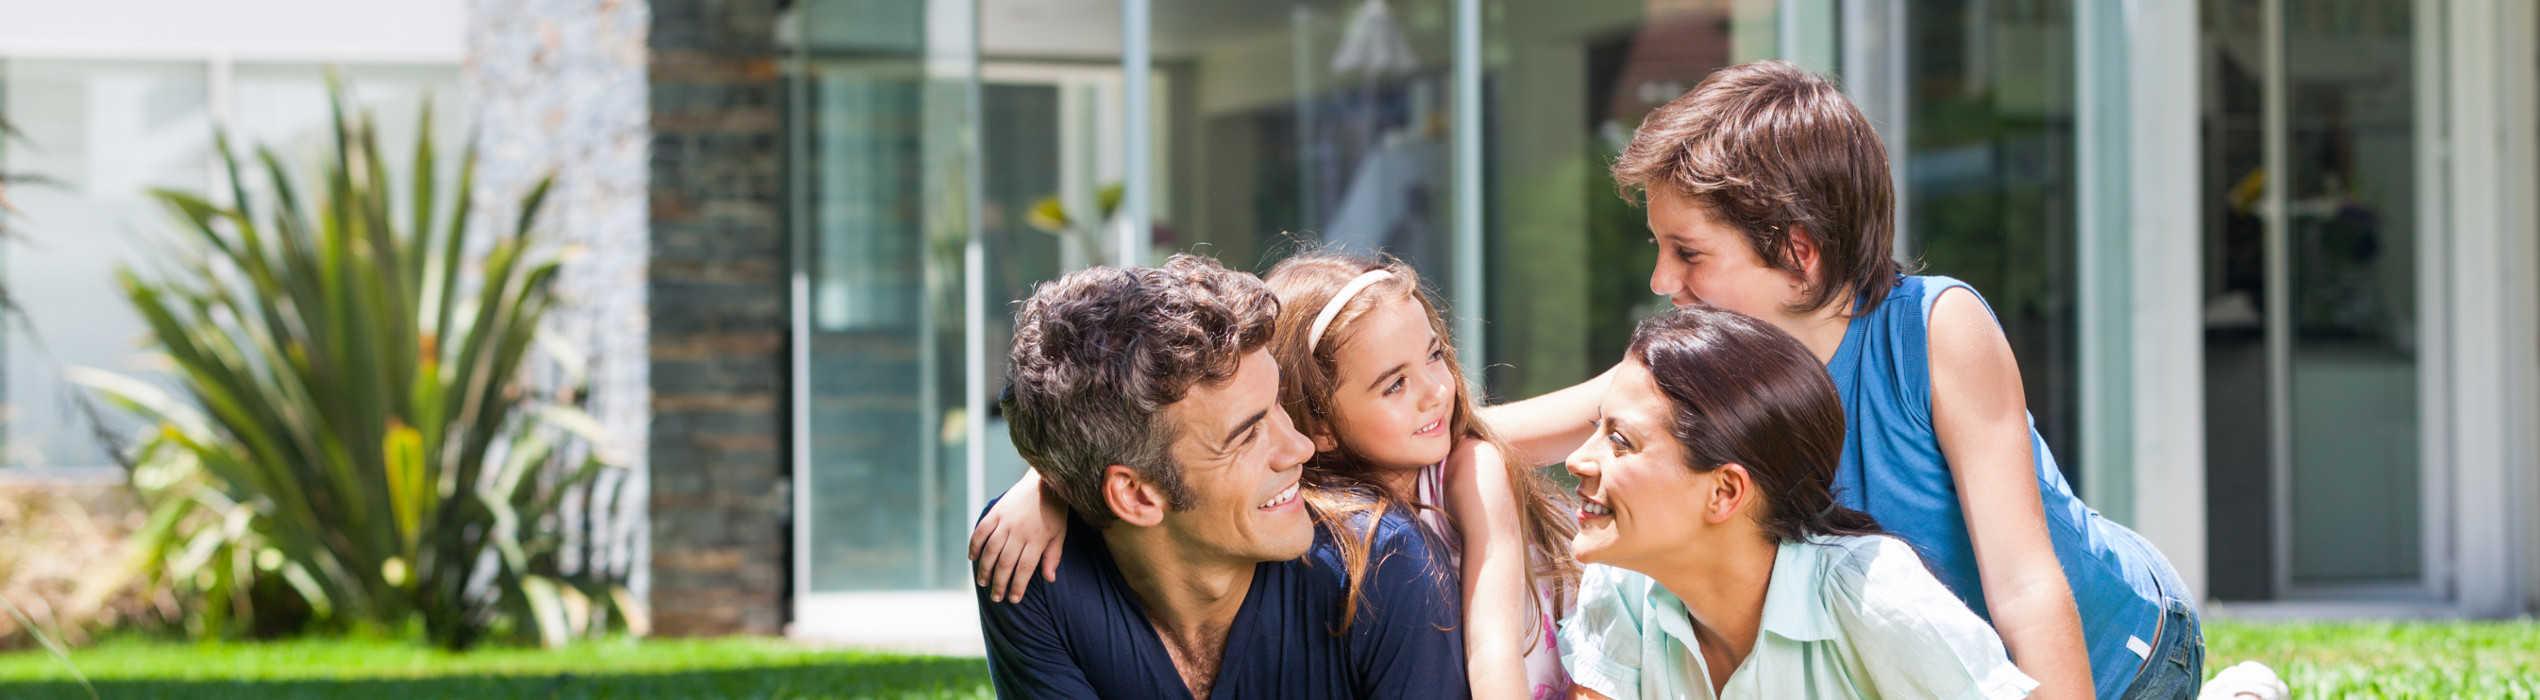 Risparmio energetico casa i consigli per aumentarlo - Casa a risparmio energetico ...